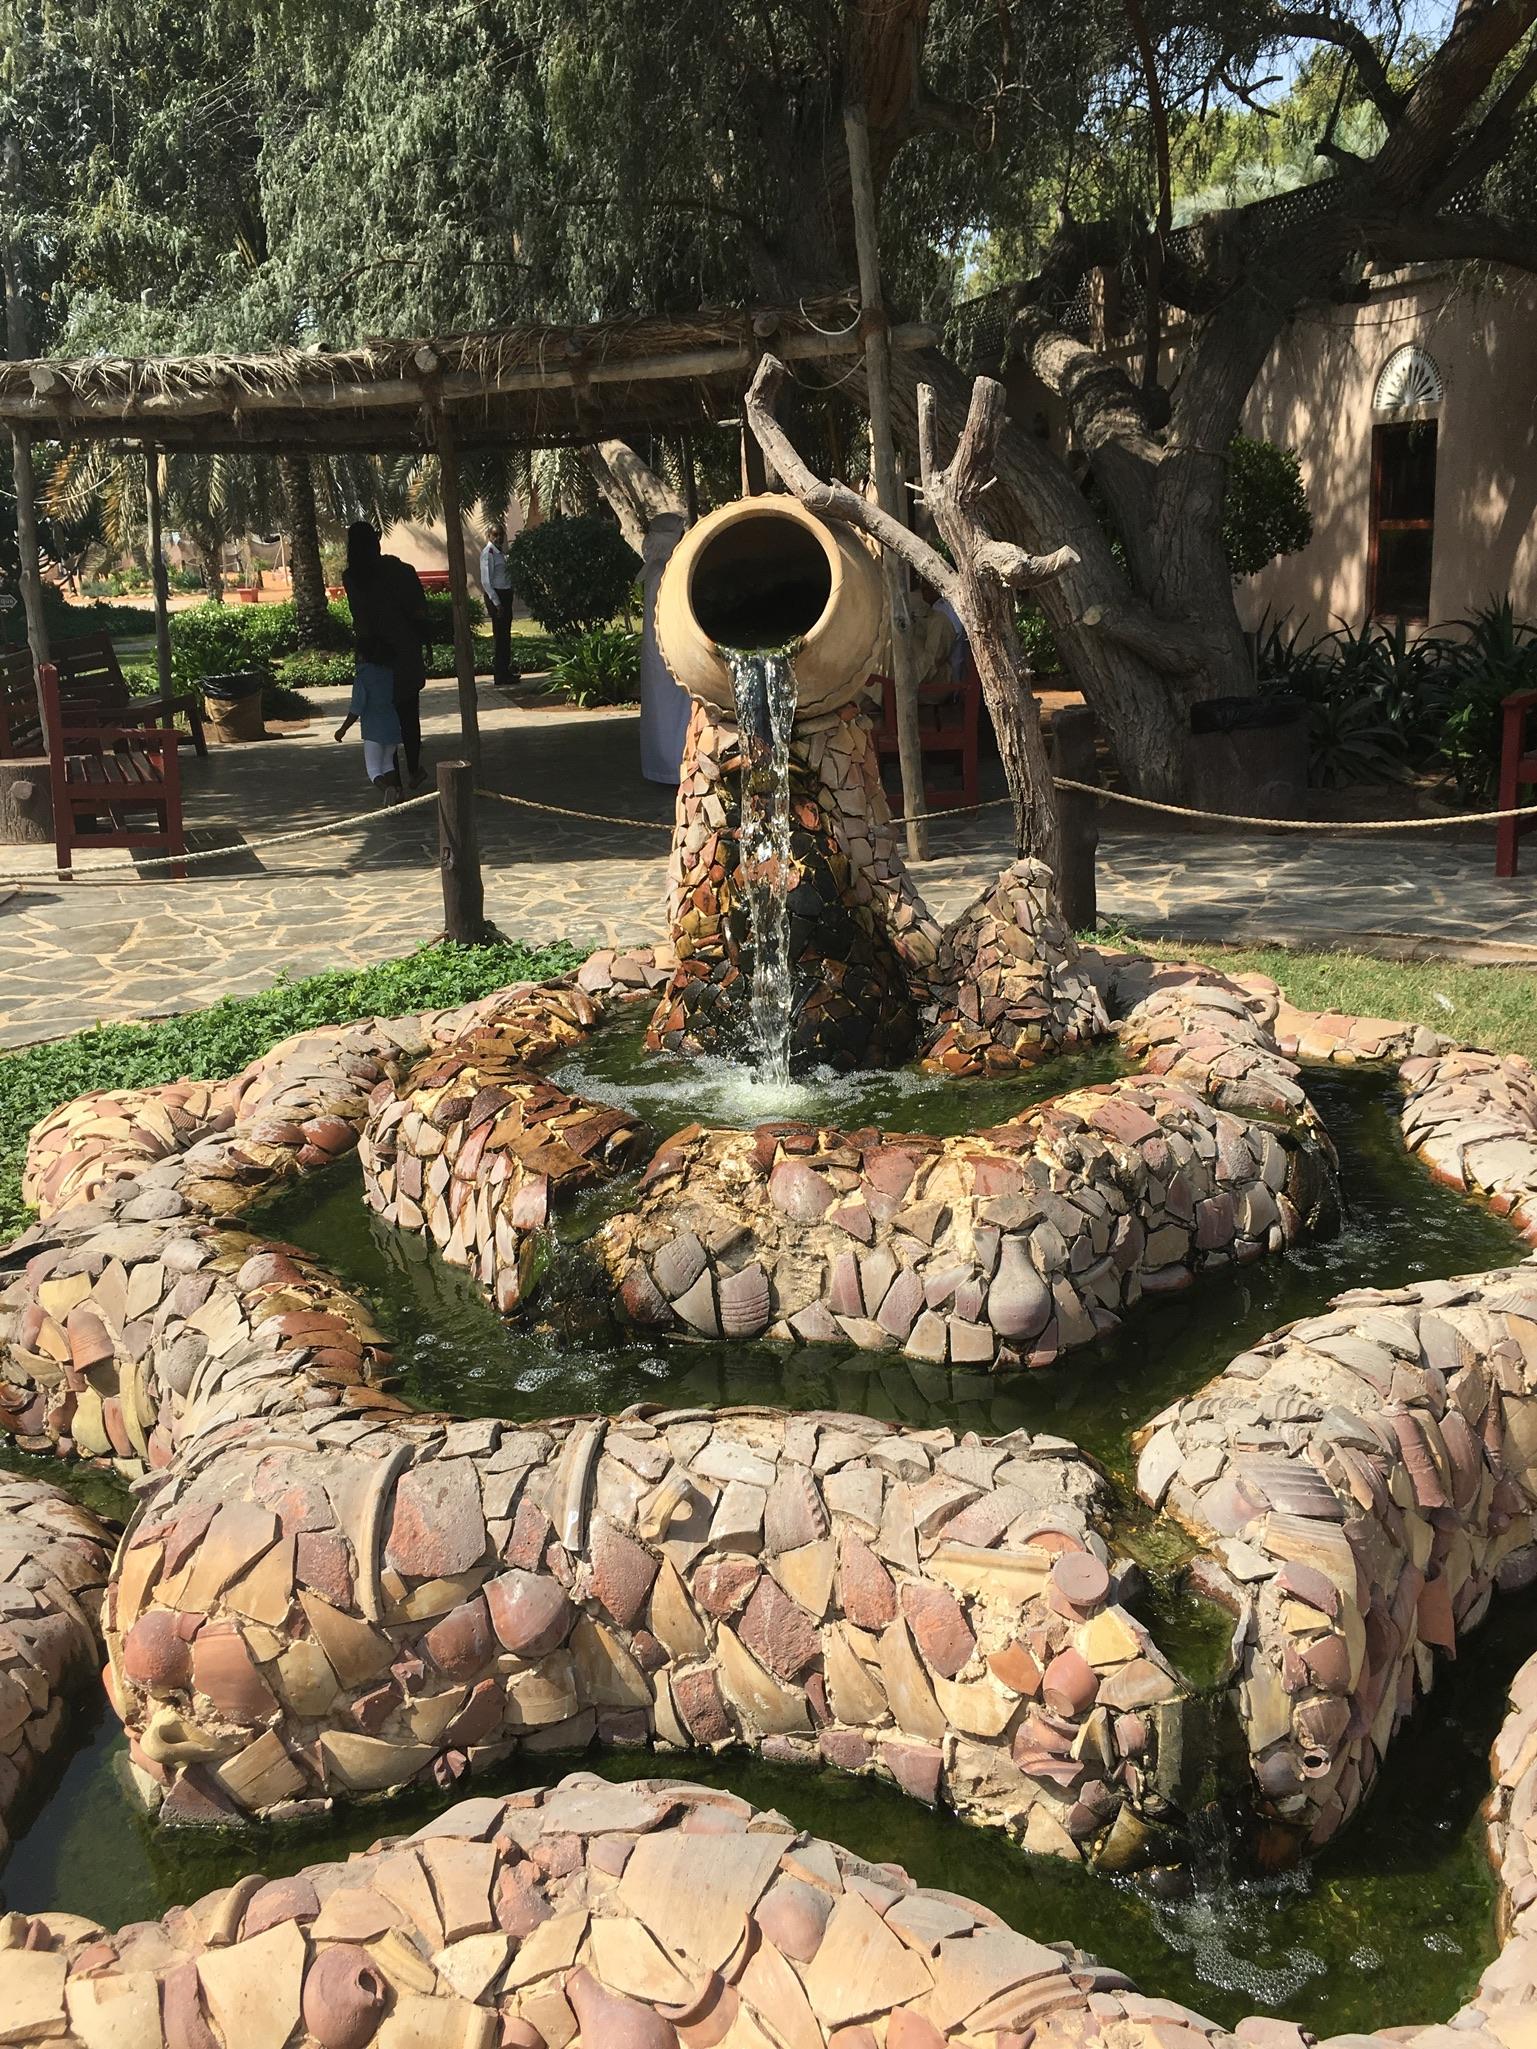 abu dhabi heritage village use